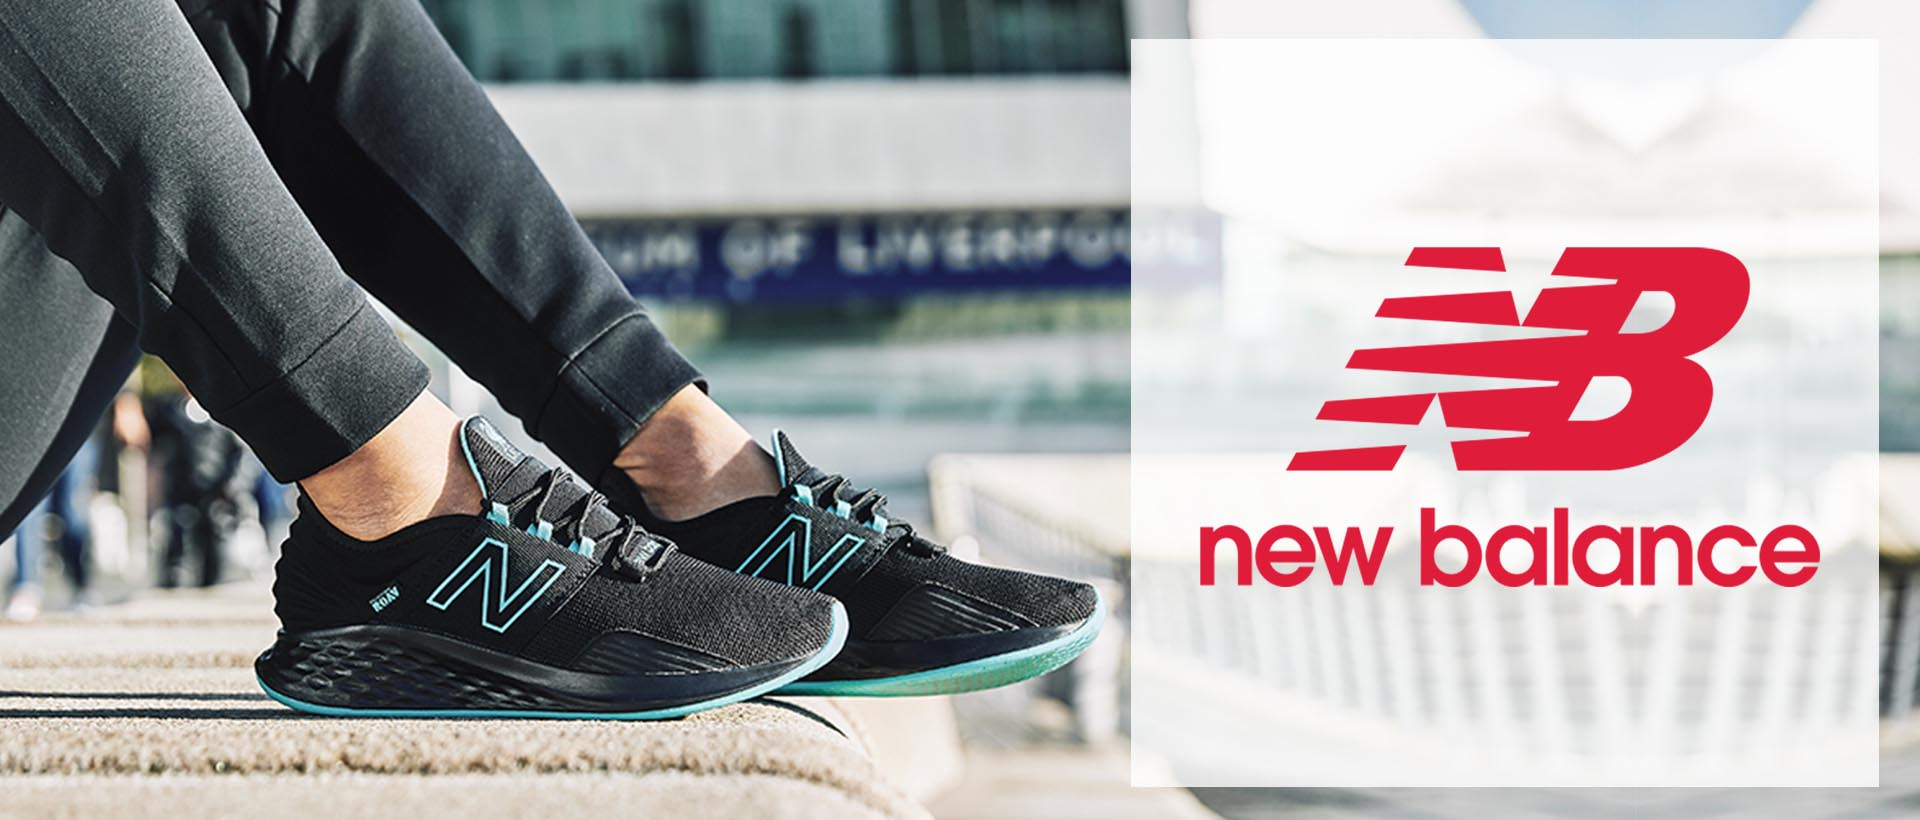 new balance banner - Tienda Online de Zapatos, Ropa y Complementos de marca